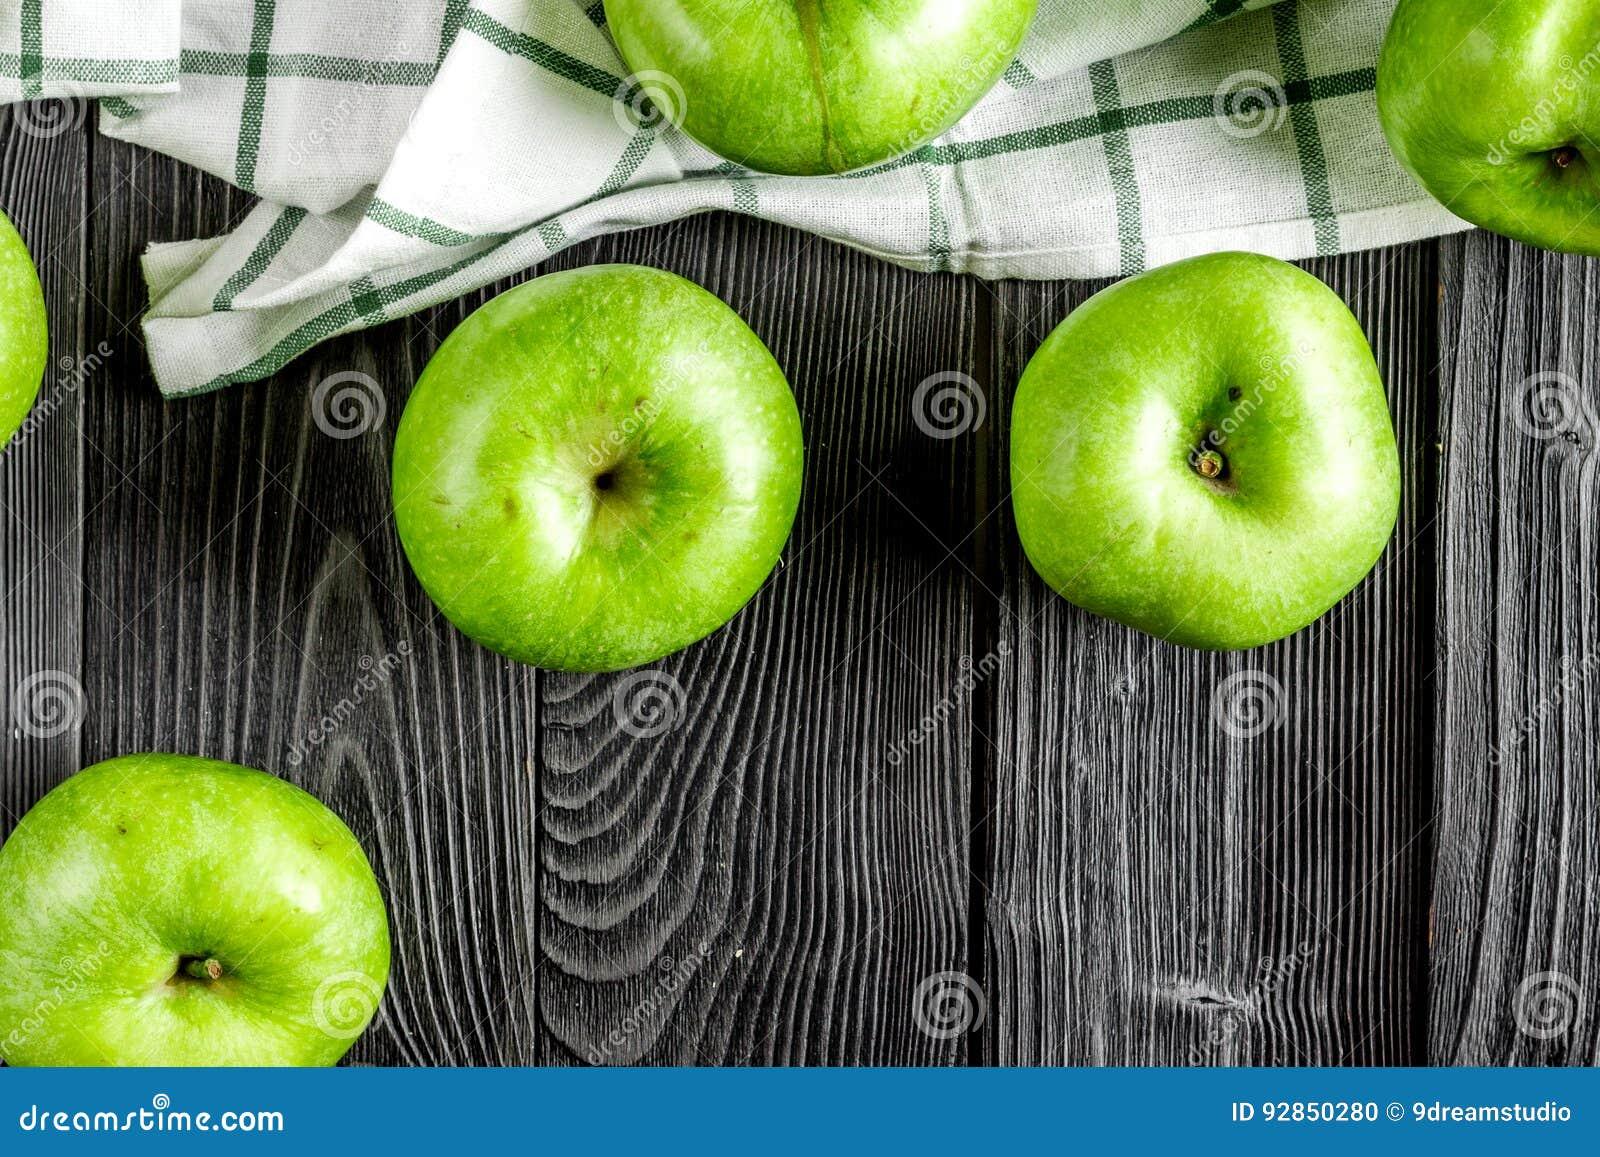 Projeto natural do alimento com opinião superior do fundo escuro verde da mesa das maçãs